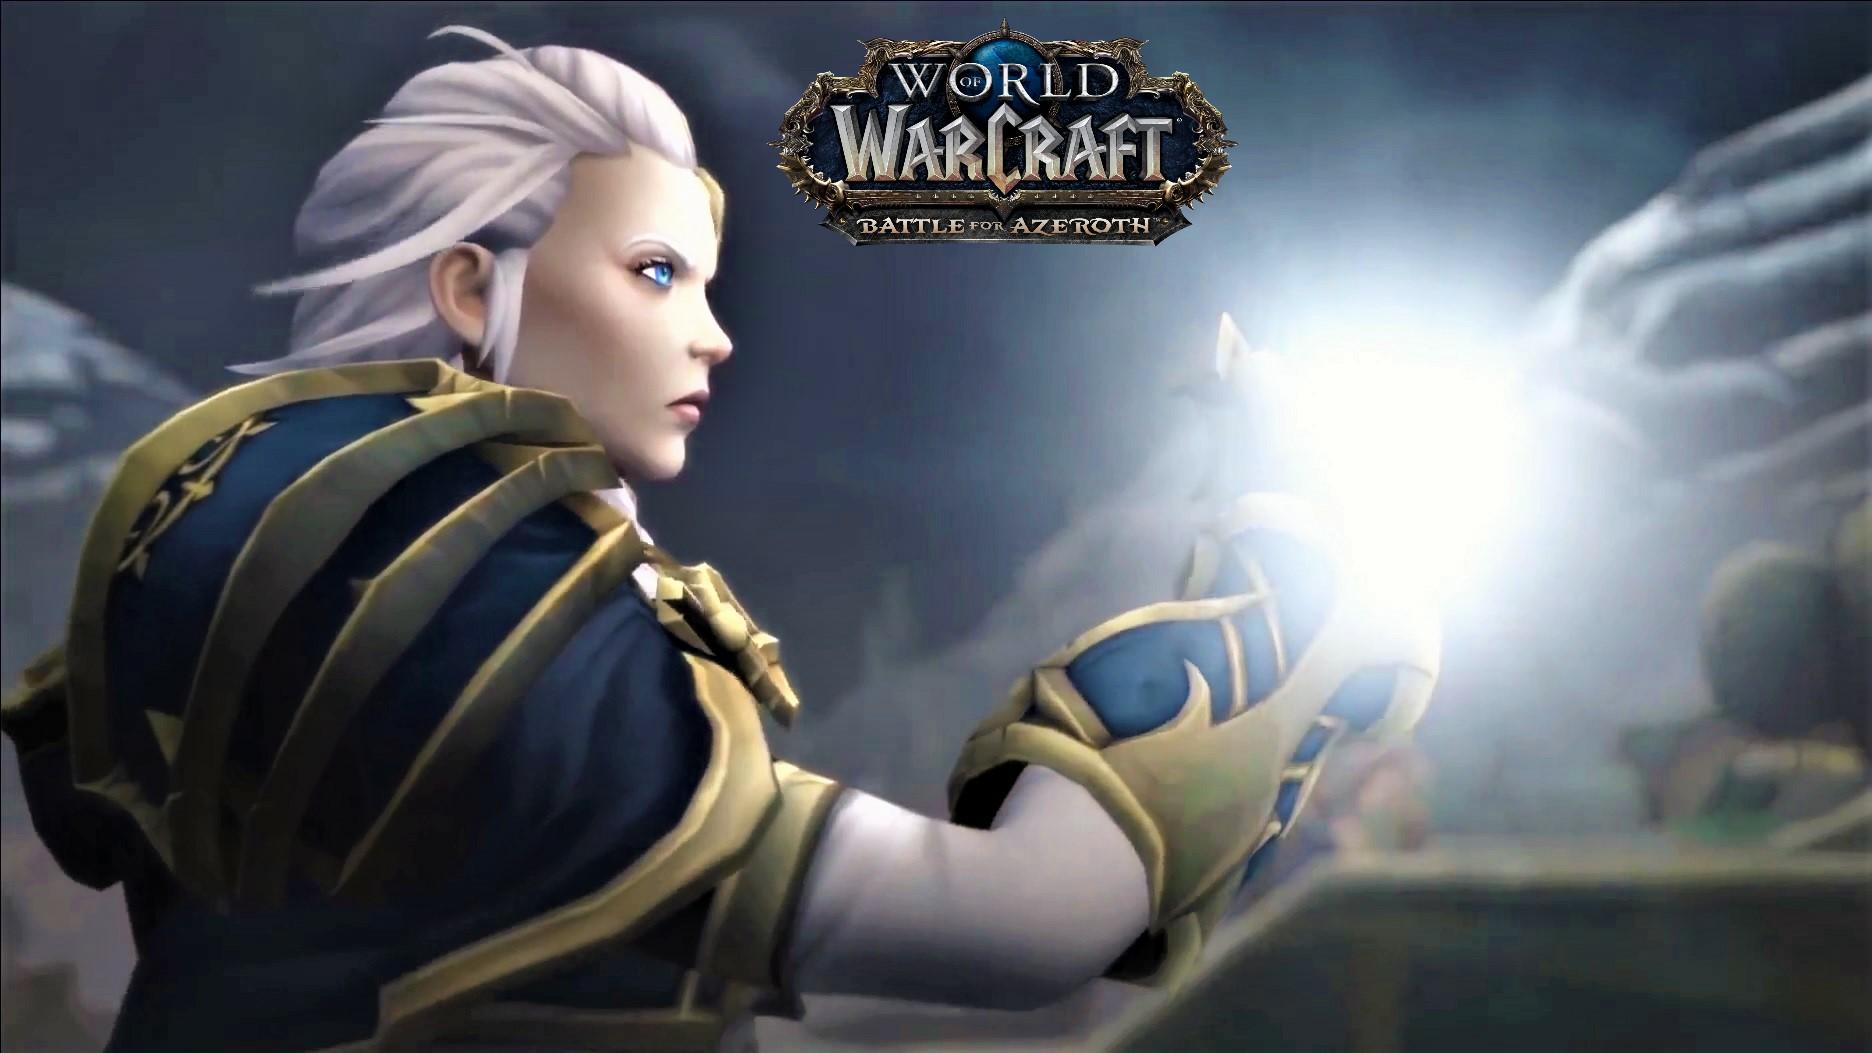 Адмирал Джайна - World of Warcraft Альянс, Джайна Праудмур